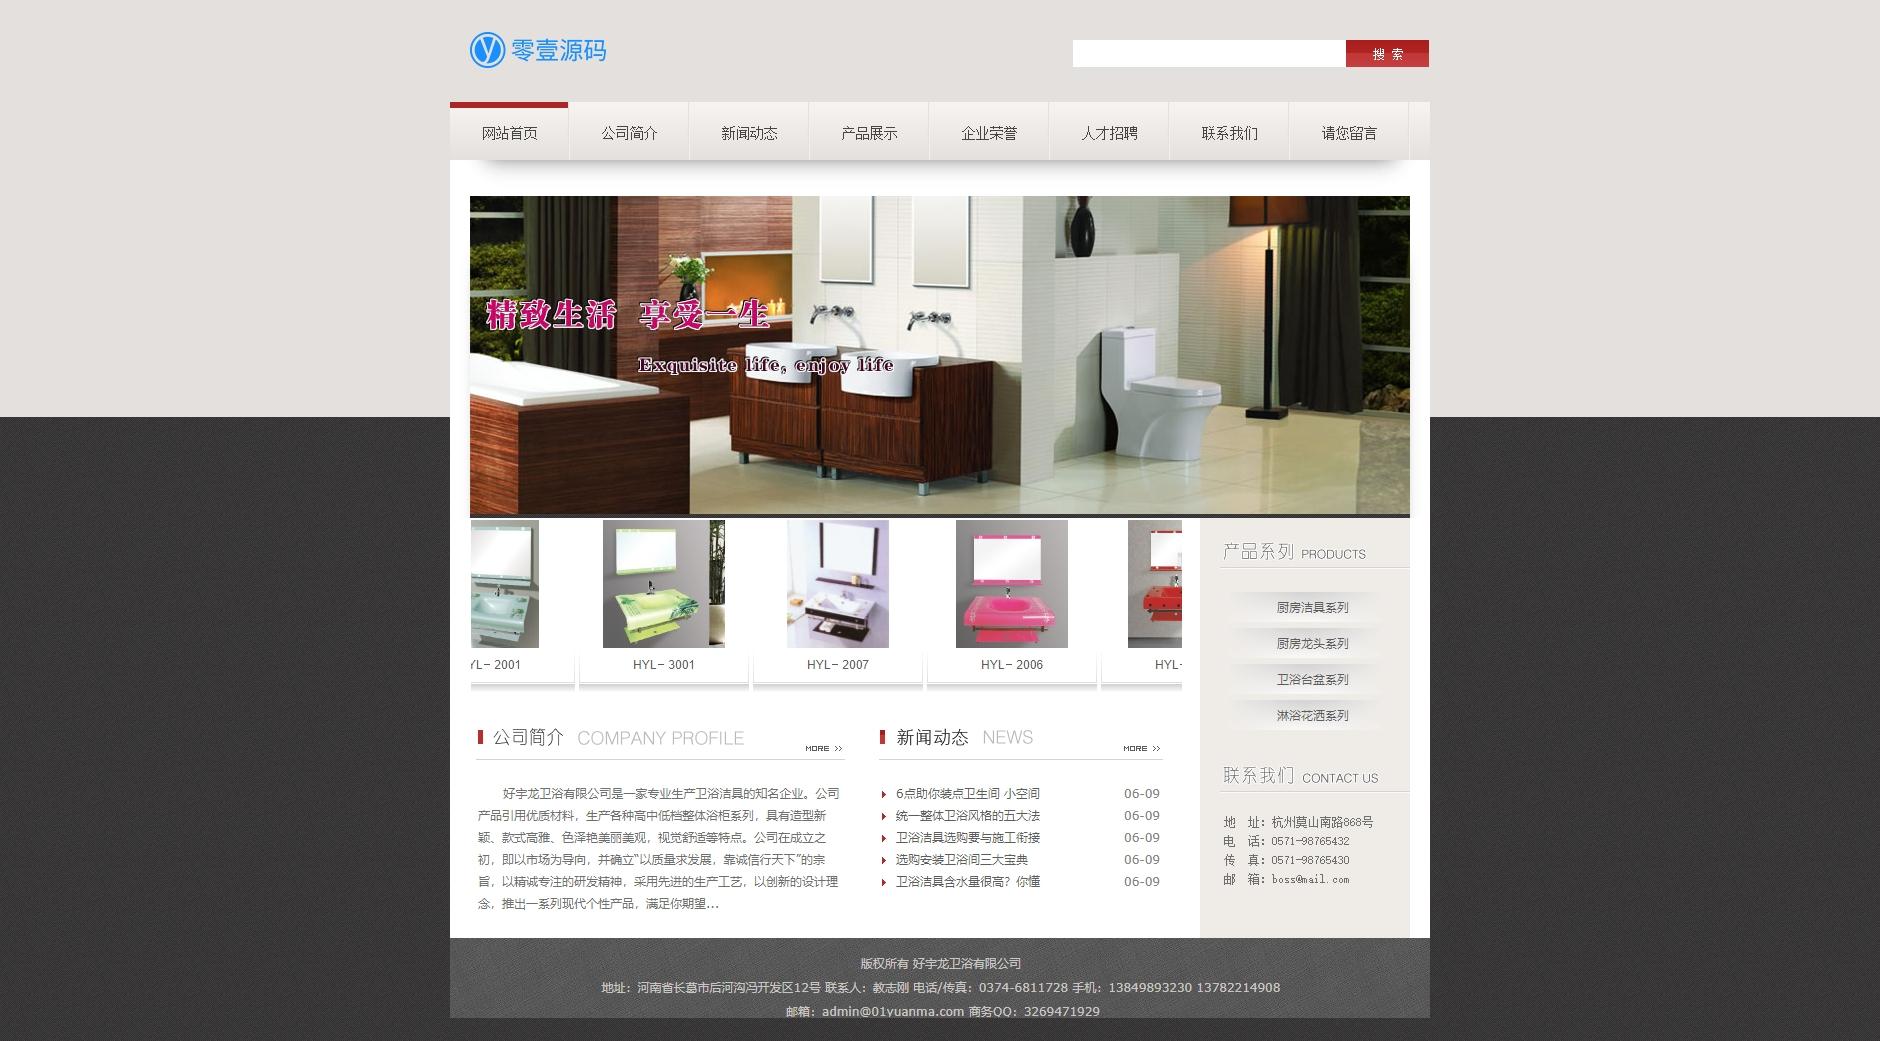 浴室柜玻璃盆立柱盆类网站织梦dedecms模板